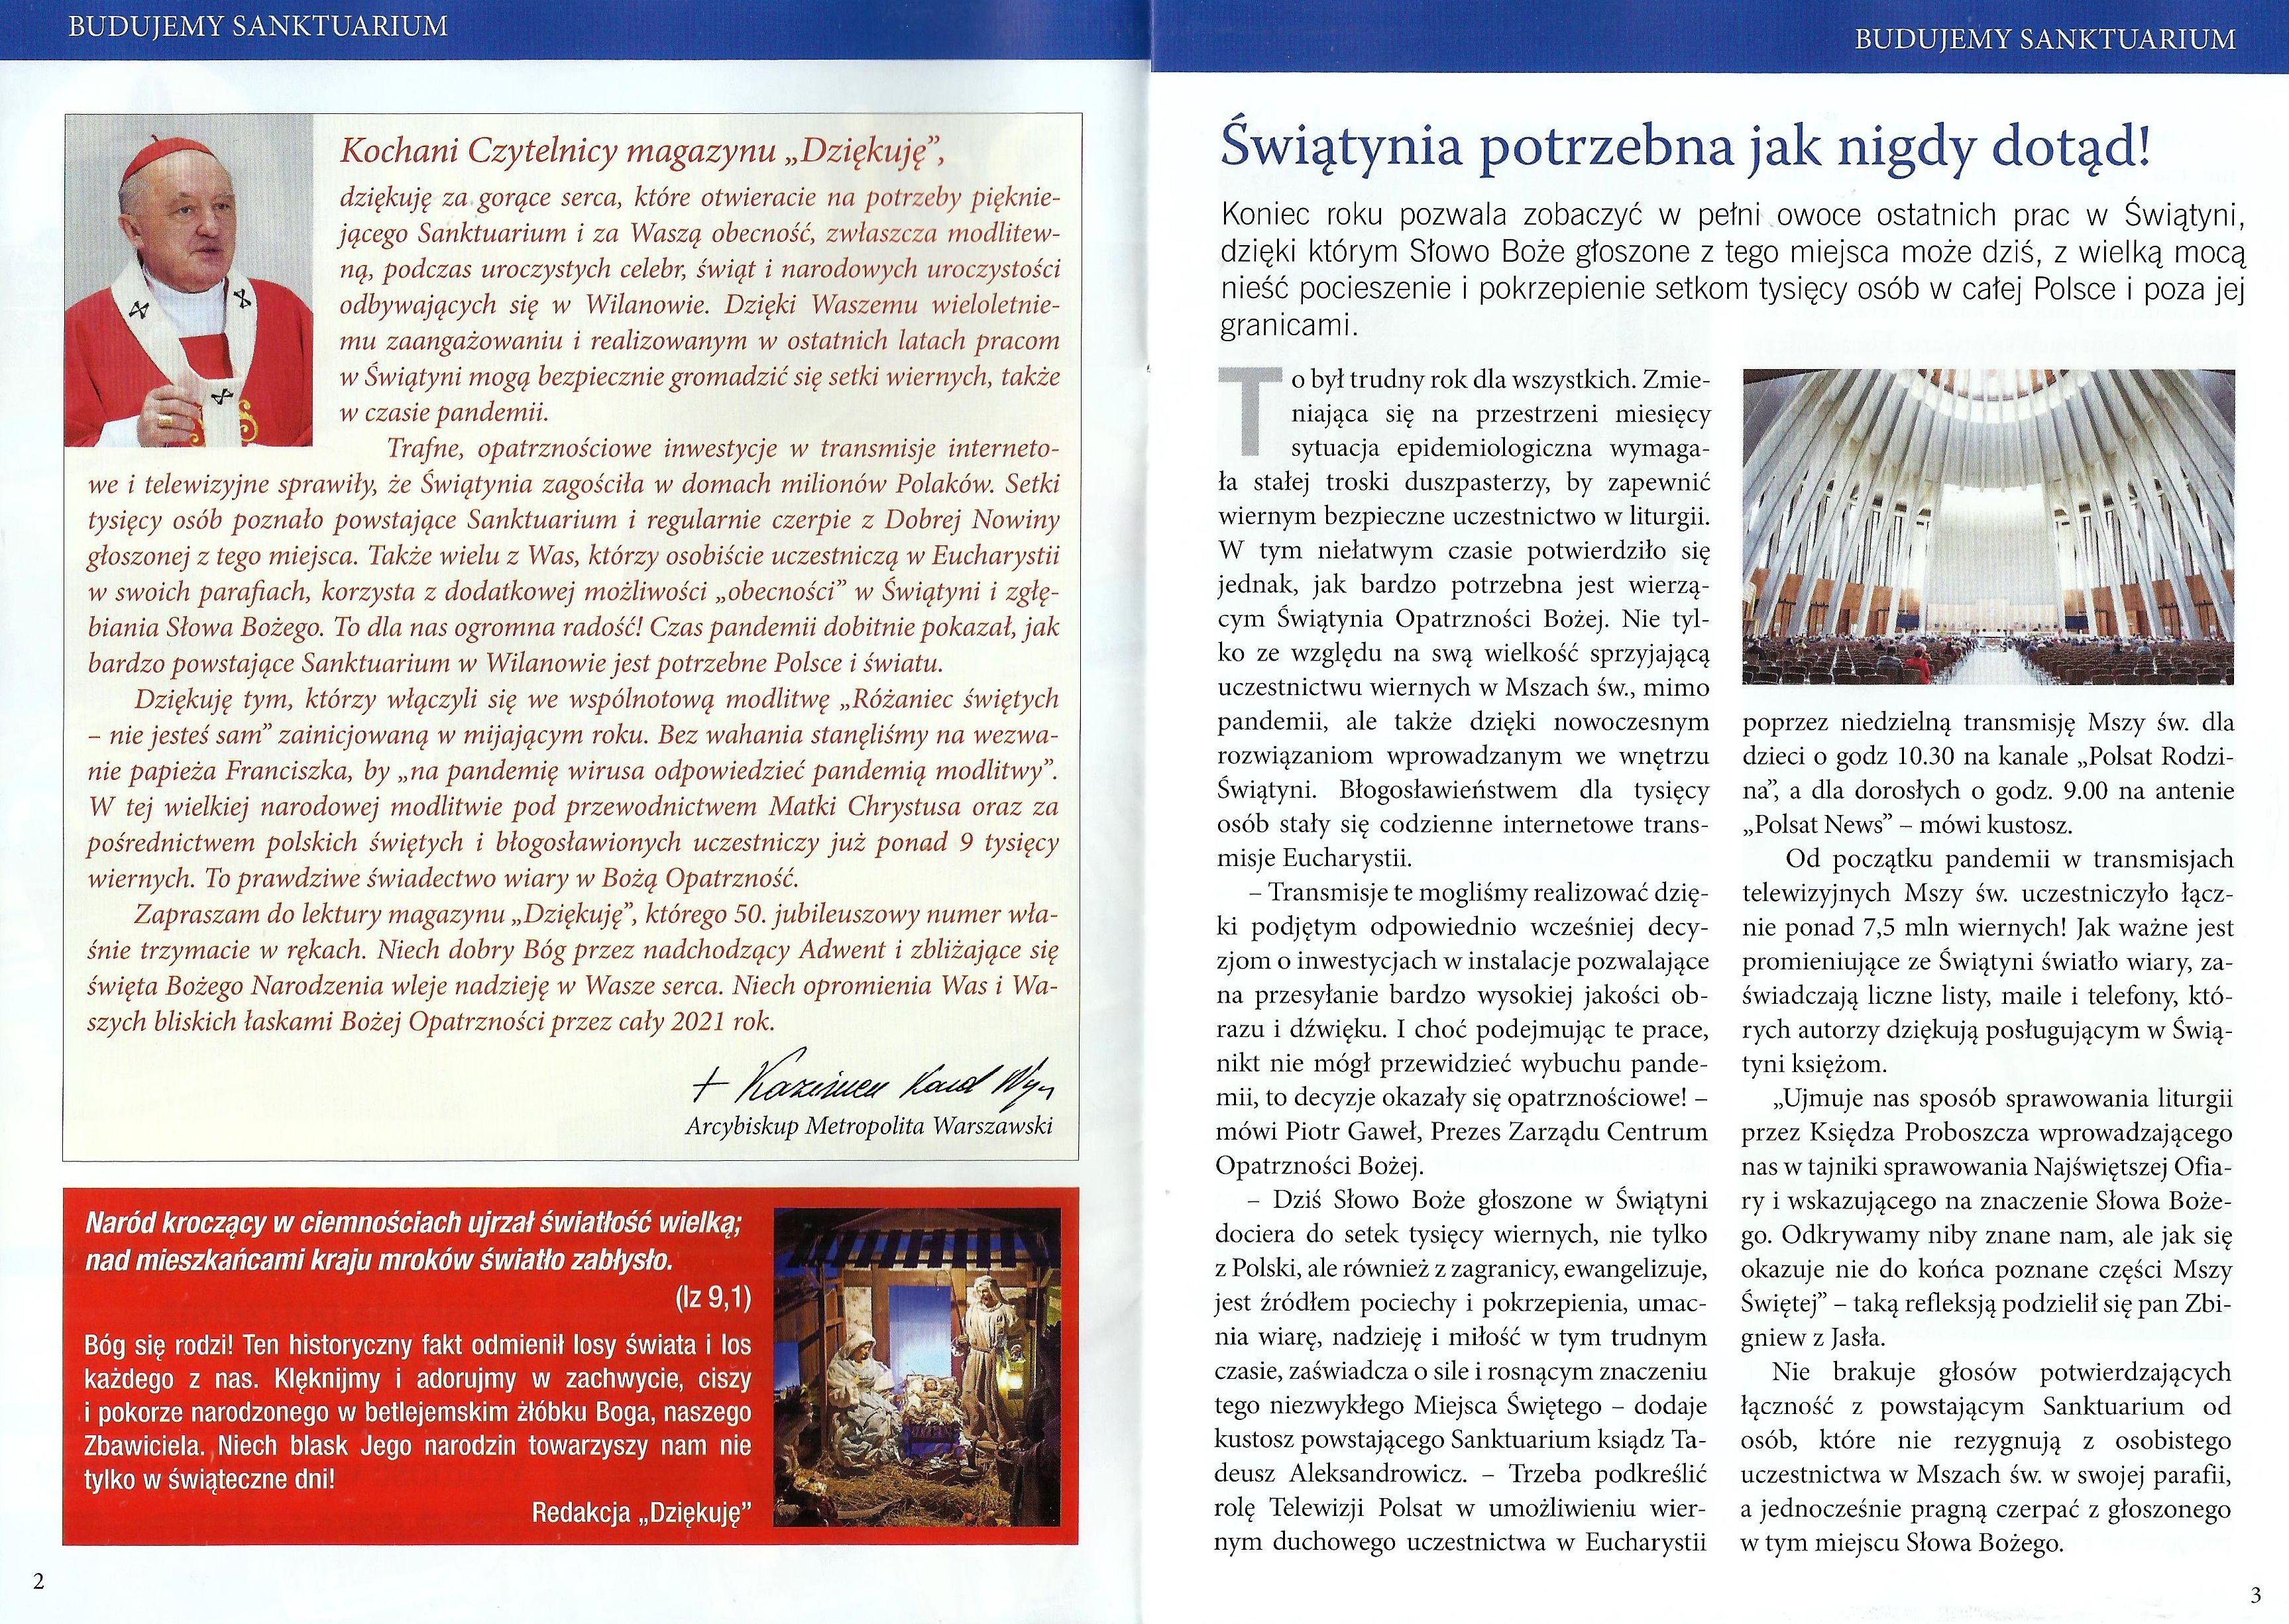 2. str. 2-3